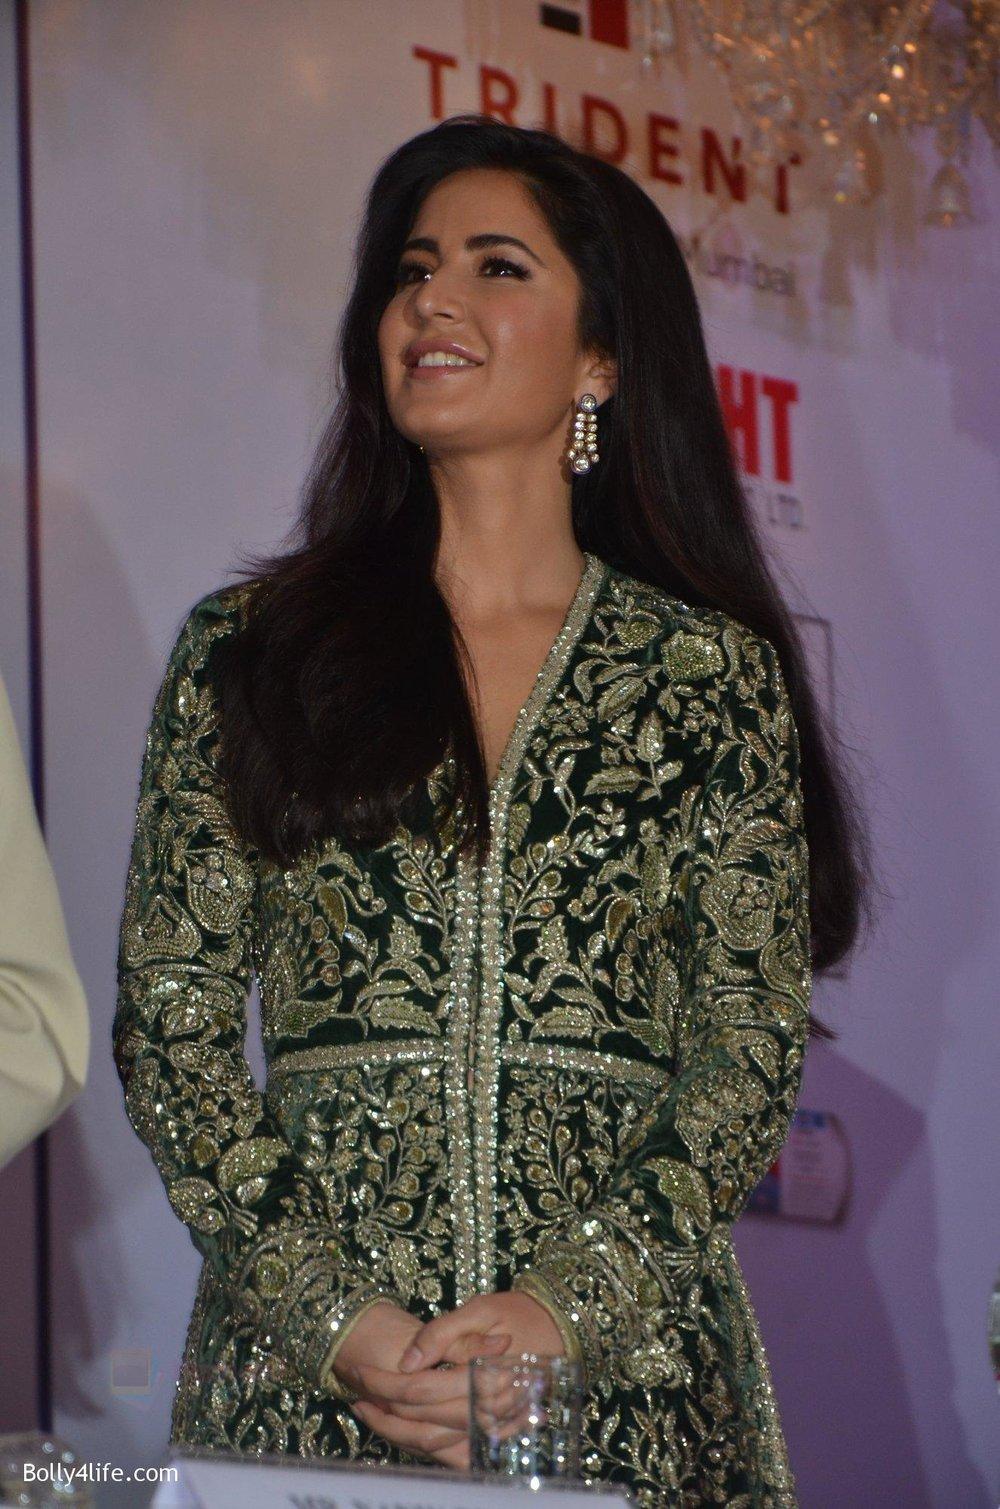 Katrina-Kaif-at-Priyadarshni-Award-on-19th-Set-2016-32.jpg